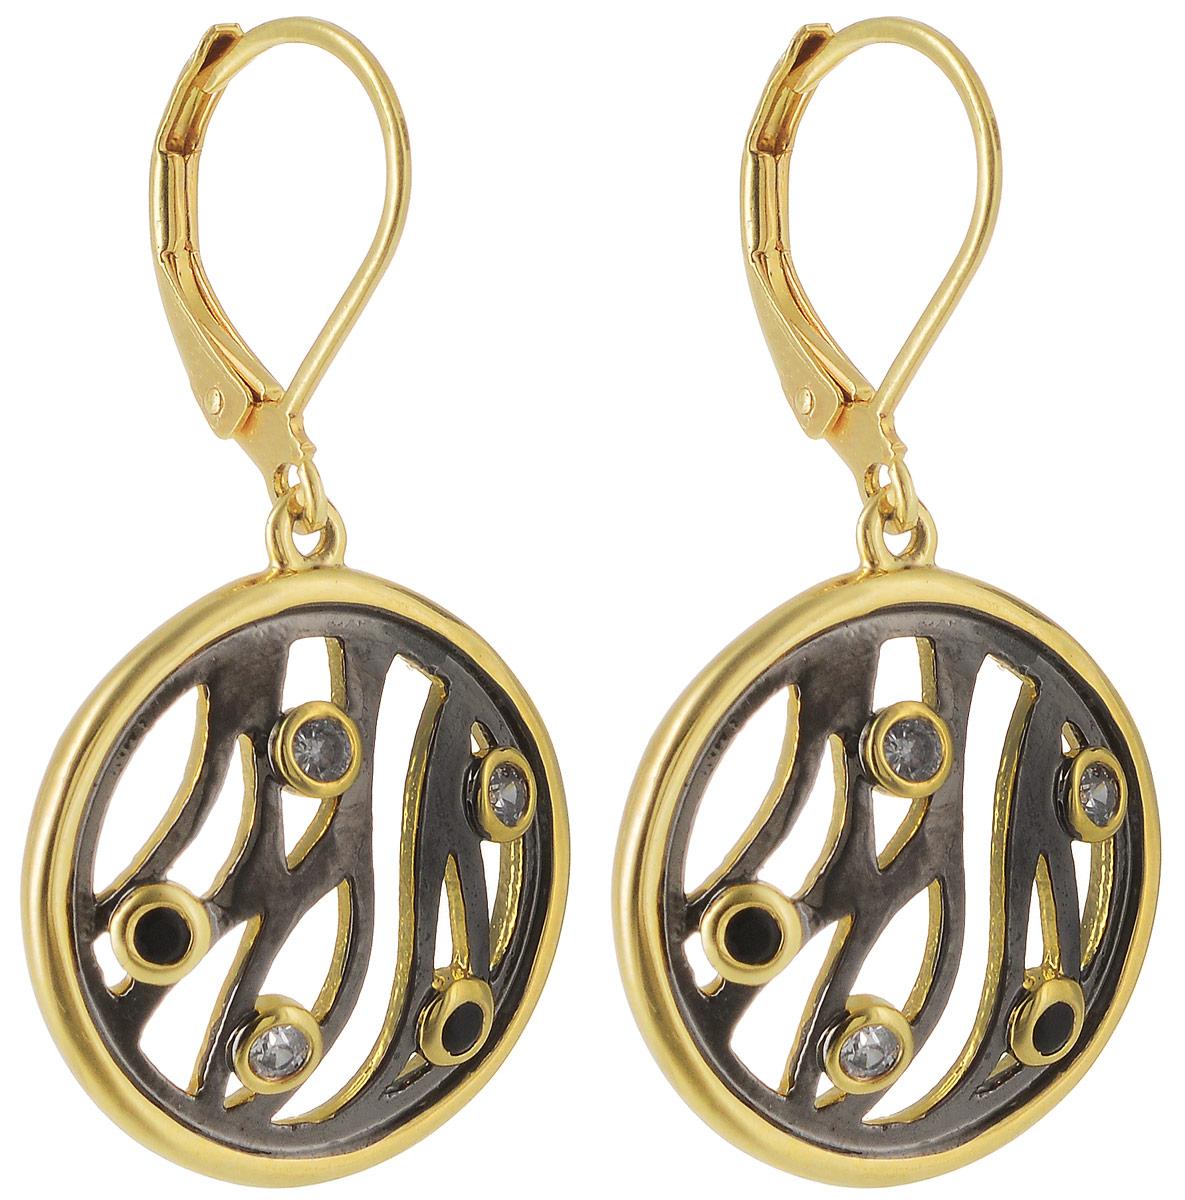 Серьги Taya, цвет: золотистый, черный. T-B-4981T-B-4981-EARR-GL.BLACKЭлегантные серьги с замком скобой. Оформлены сережки круглыми пластинами с вкраплениями из страз.